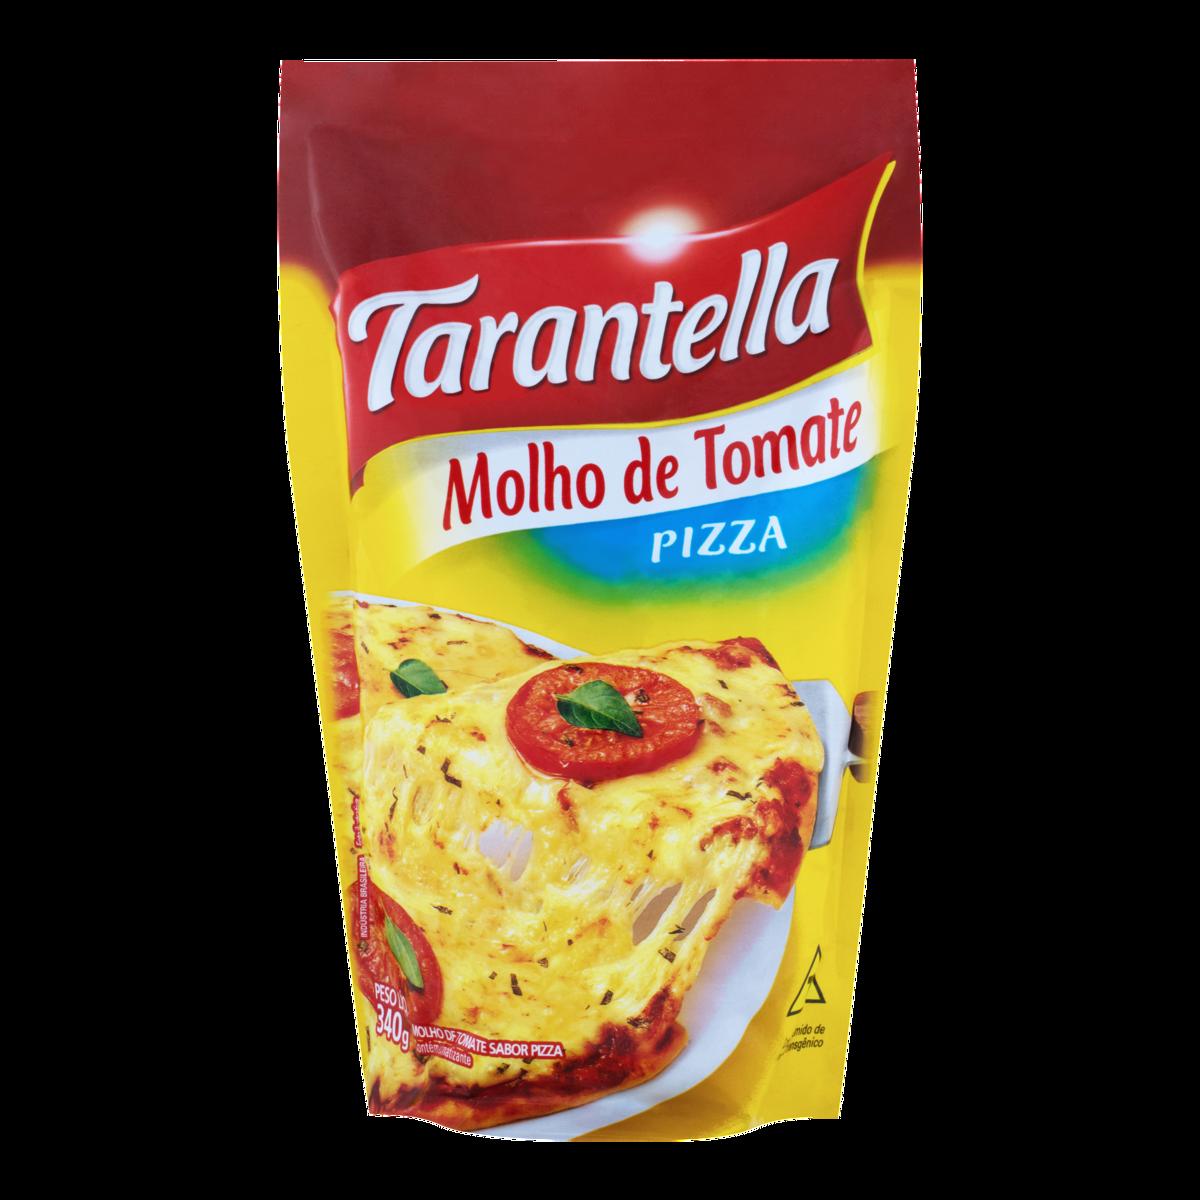 MOLHO TOMATE TARANTELLA 340G SACHE PIZZA